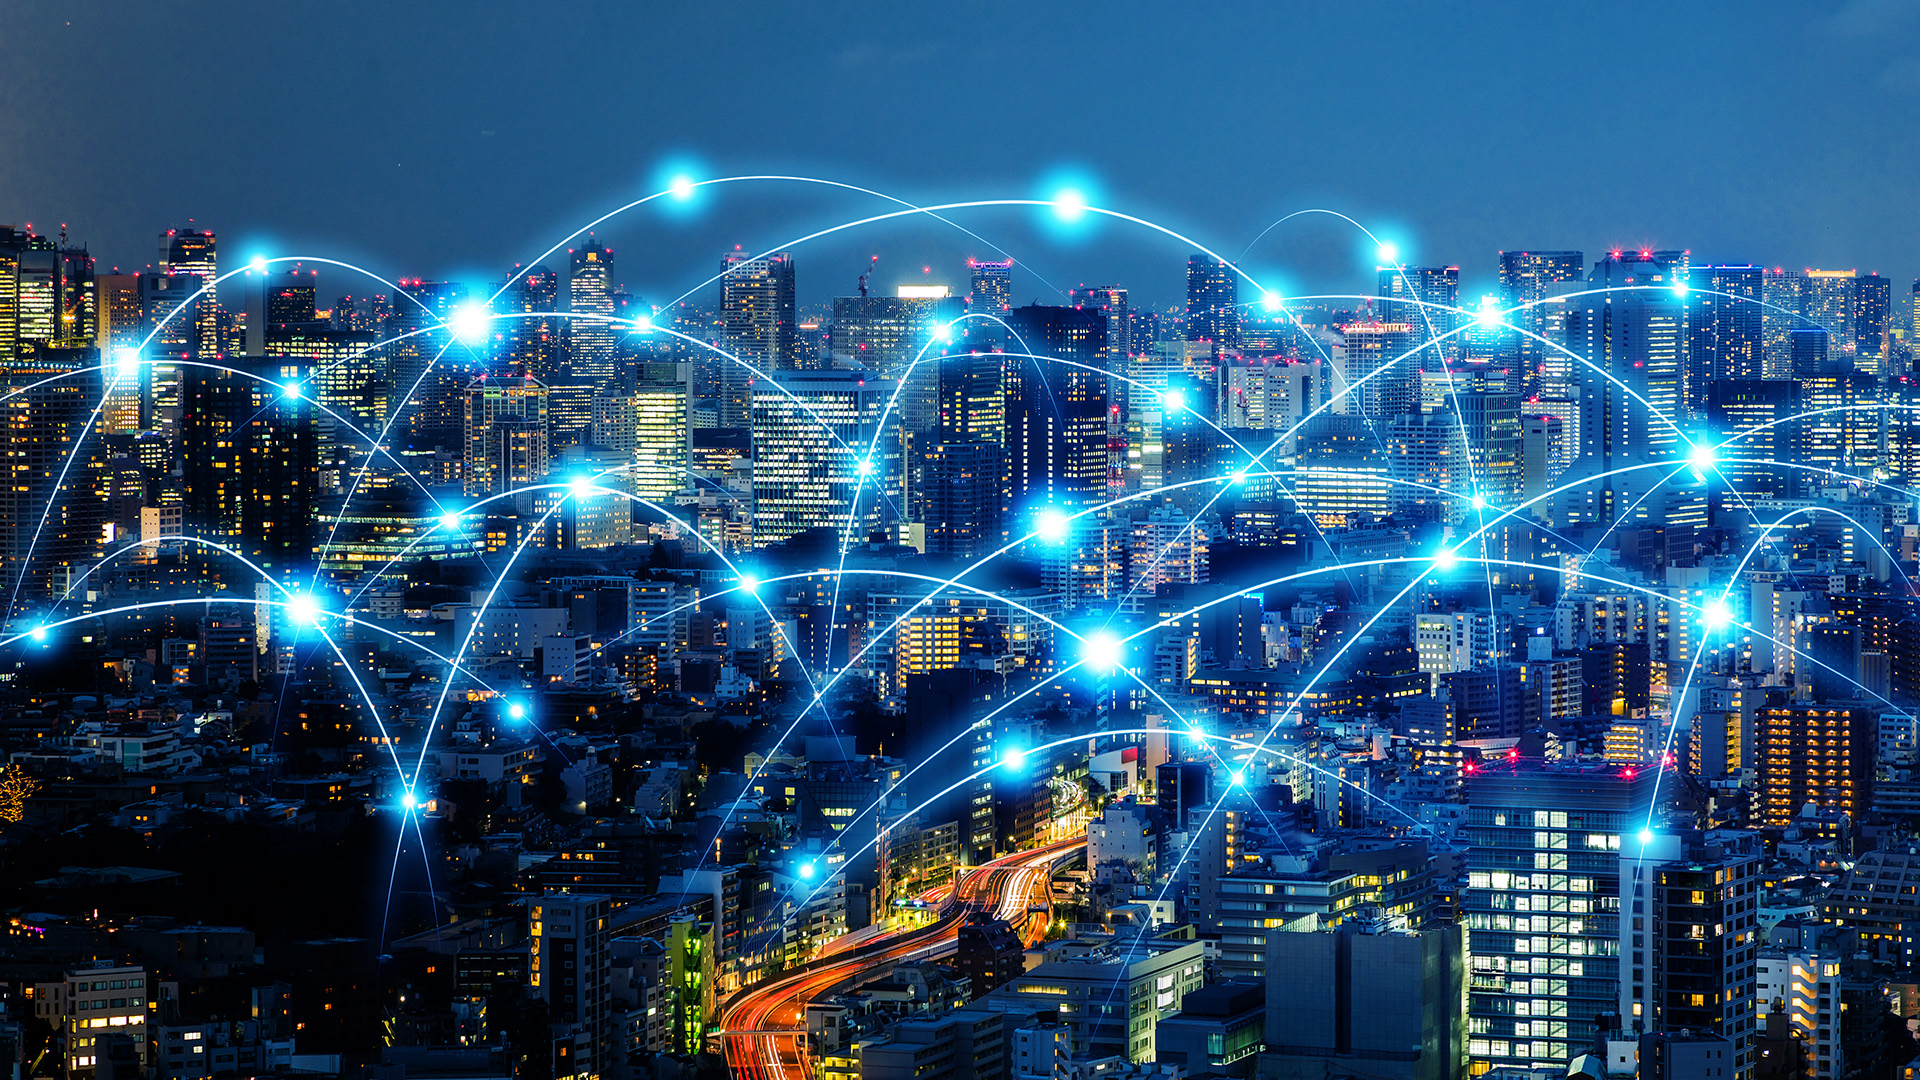 El informe de Internet Society alerta sobre la concentración de Internet en pocas manos (Getty Images)